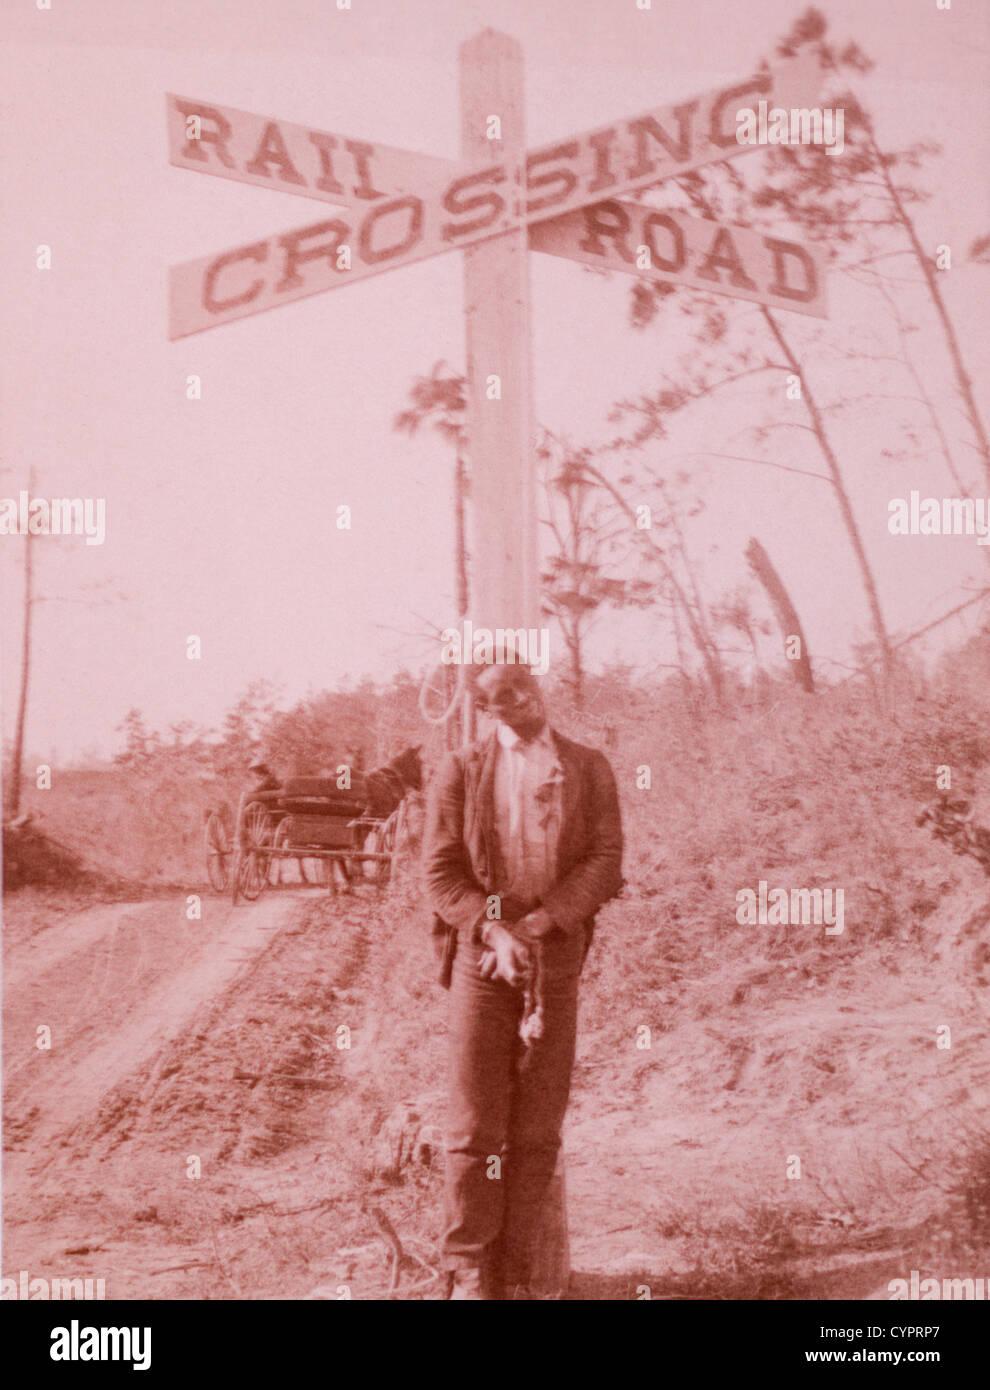 Man Lynched at Railroad Crossing, Orangeburg, South Carolina, USA, Albumen Photograph, 1897 - Stock Image